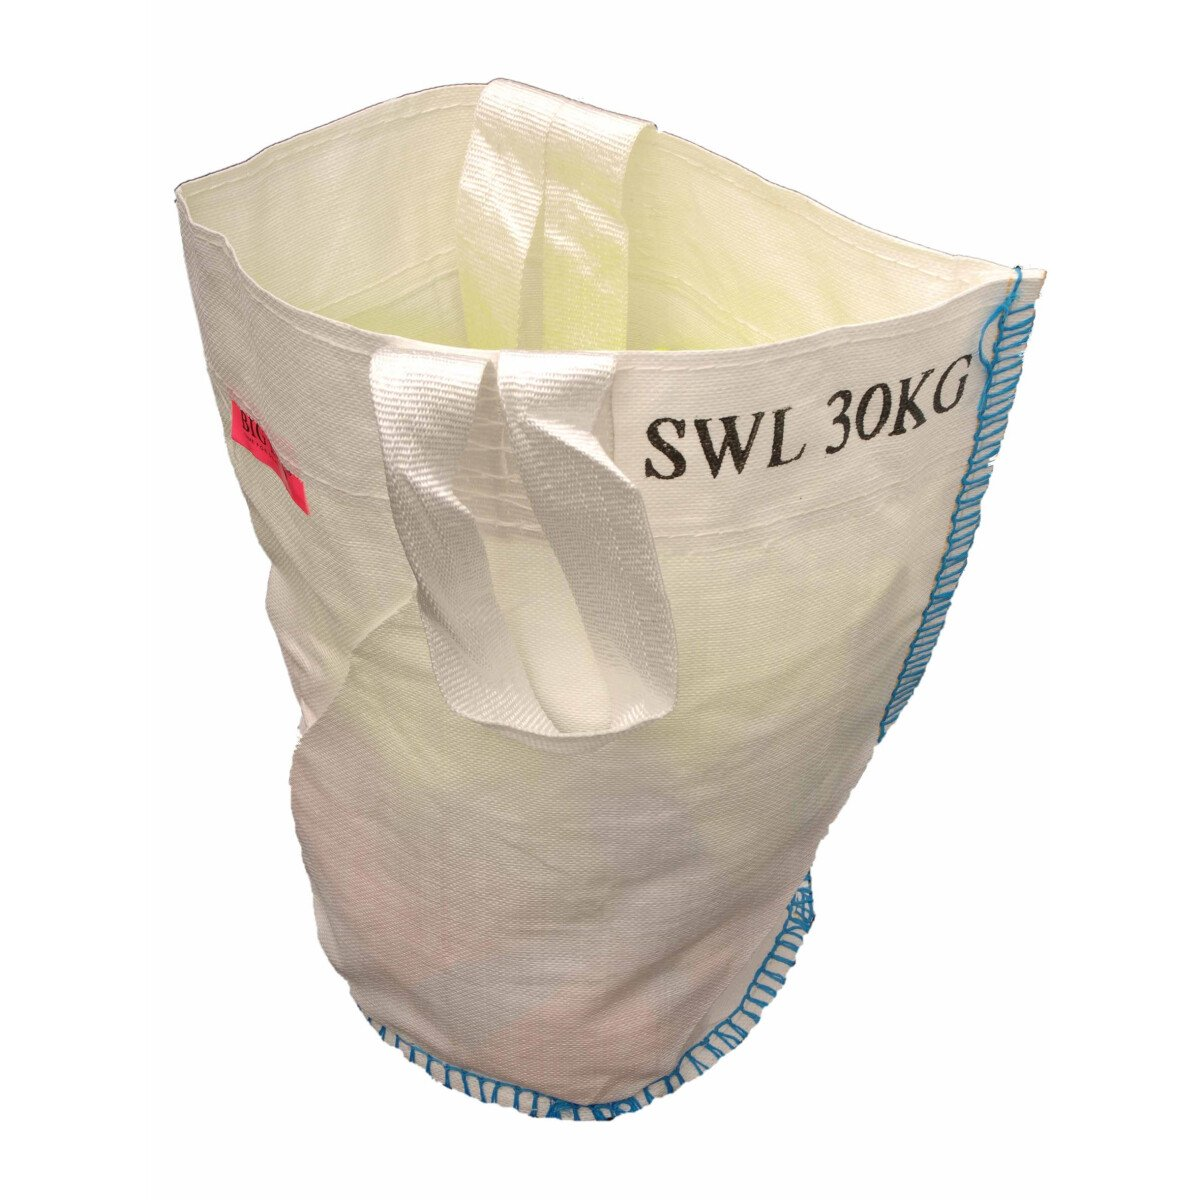 Lawson HIS 2906R Scaffolders Bag SWL30